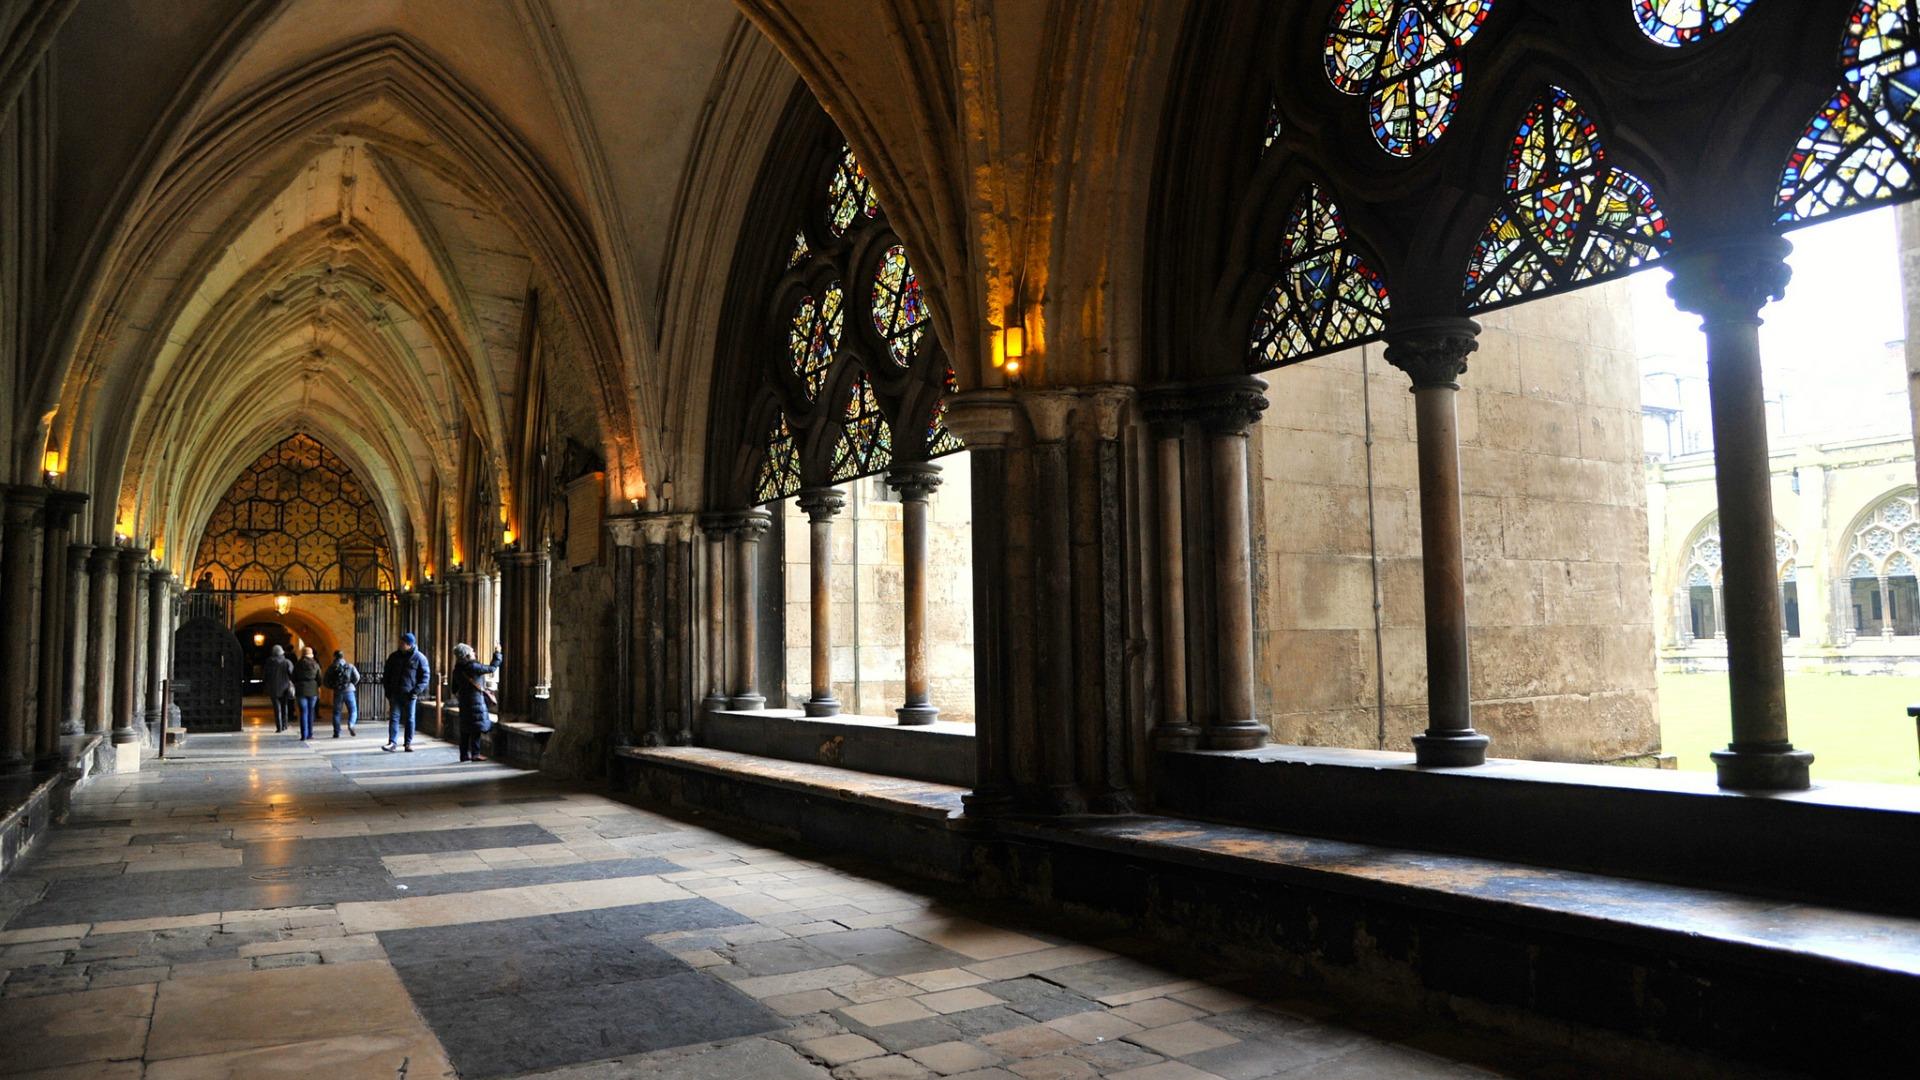 Обои витражное стекло, плащь, Витраж, церковь, мужчина. Разное foto 16